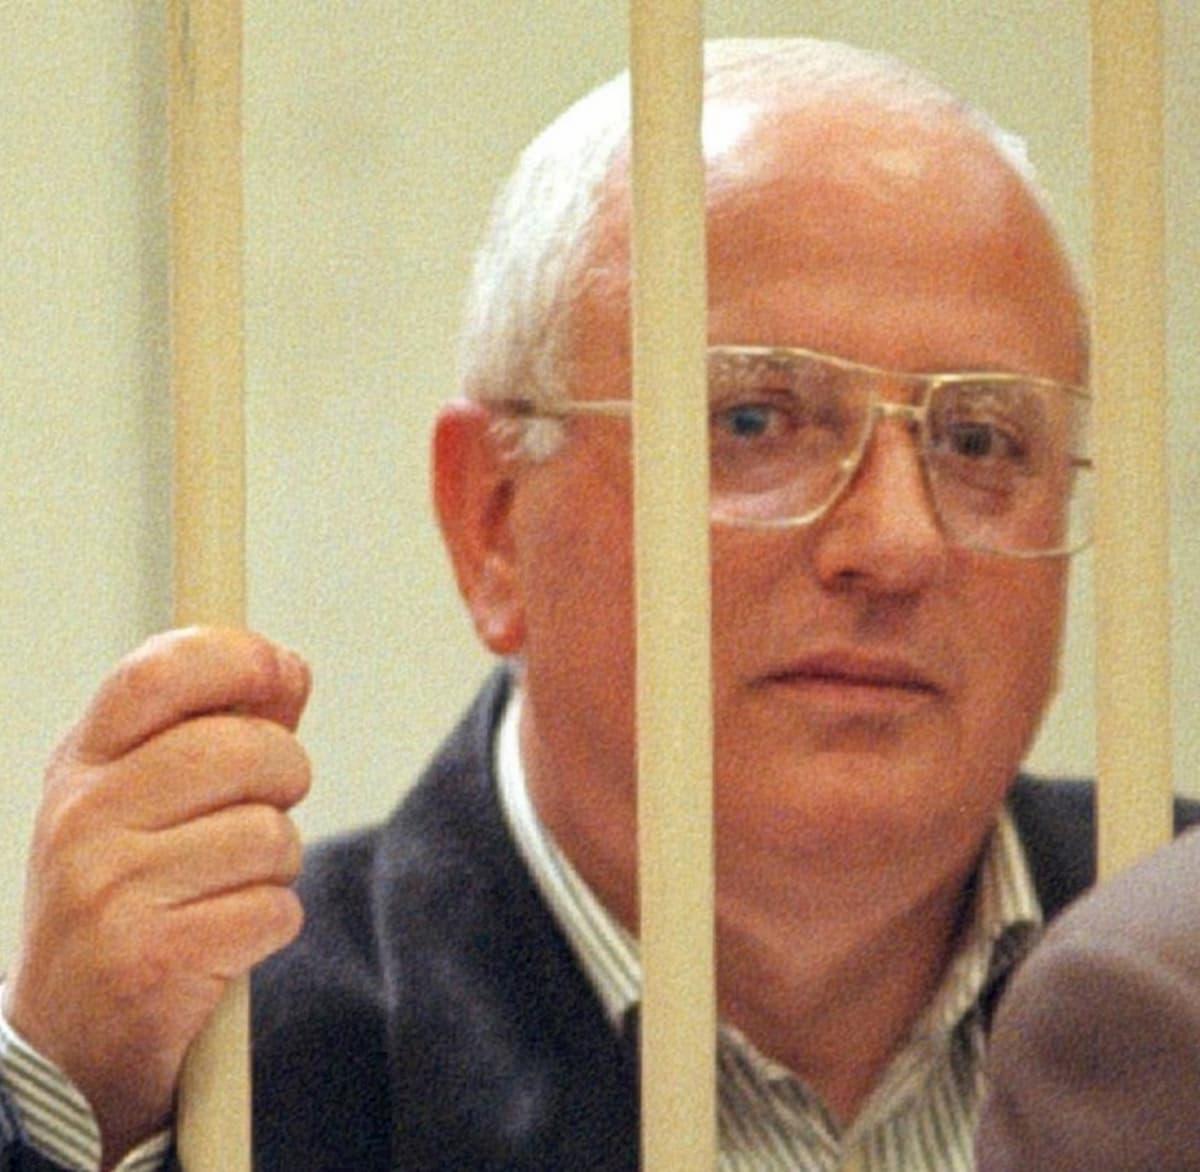 Raffaele Cutolo, respinto il ricorso: il boss resta in carcere